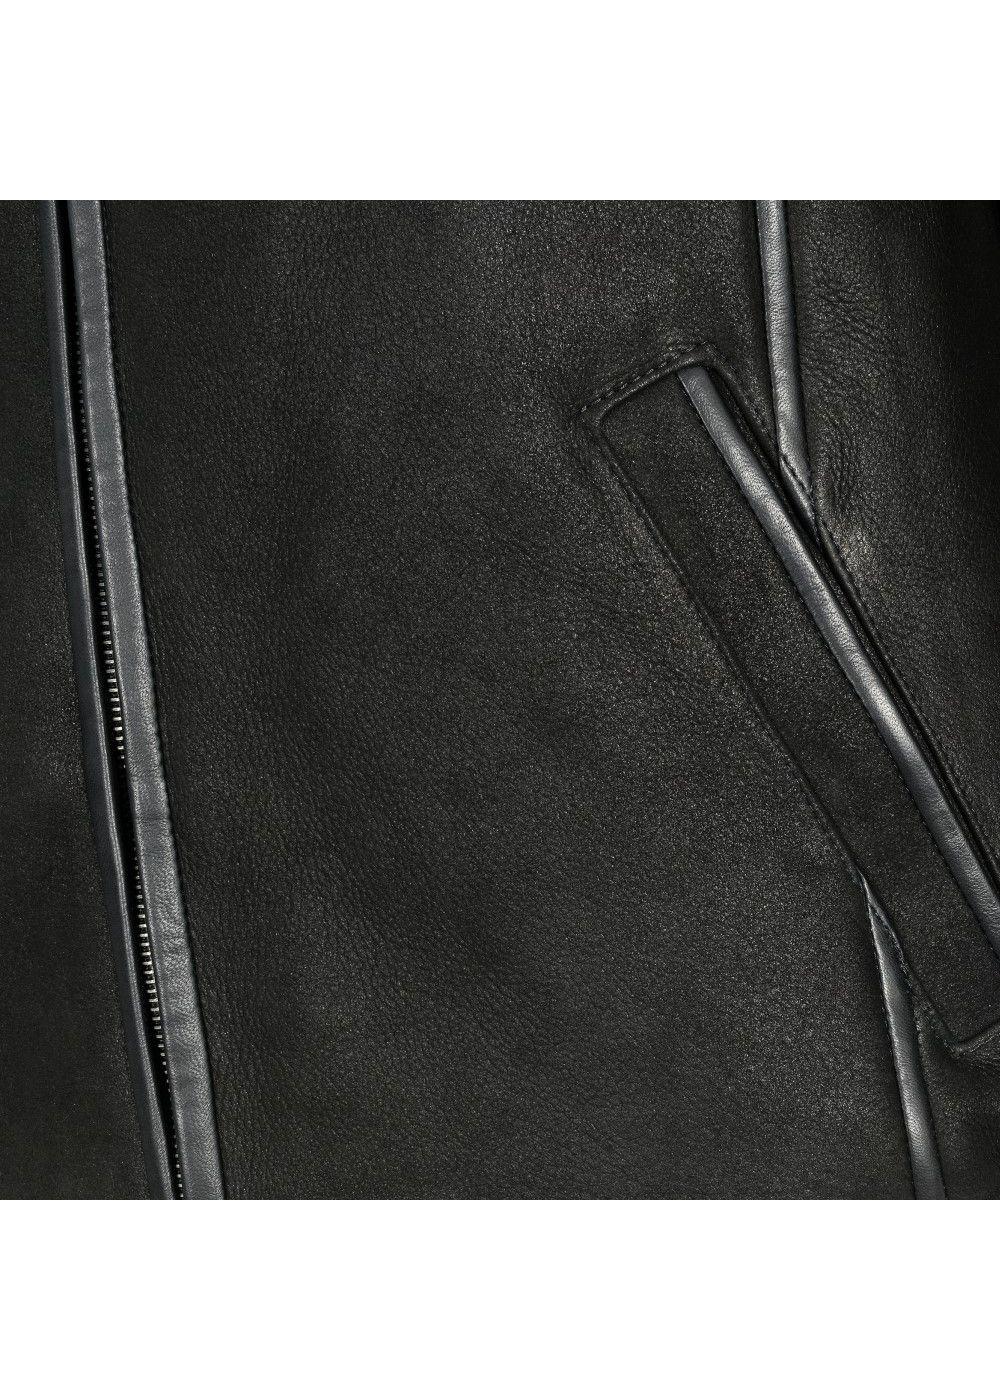 Kożuch męski KOZMS-0007-4127(Z21)